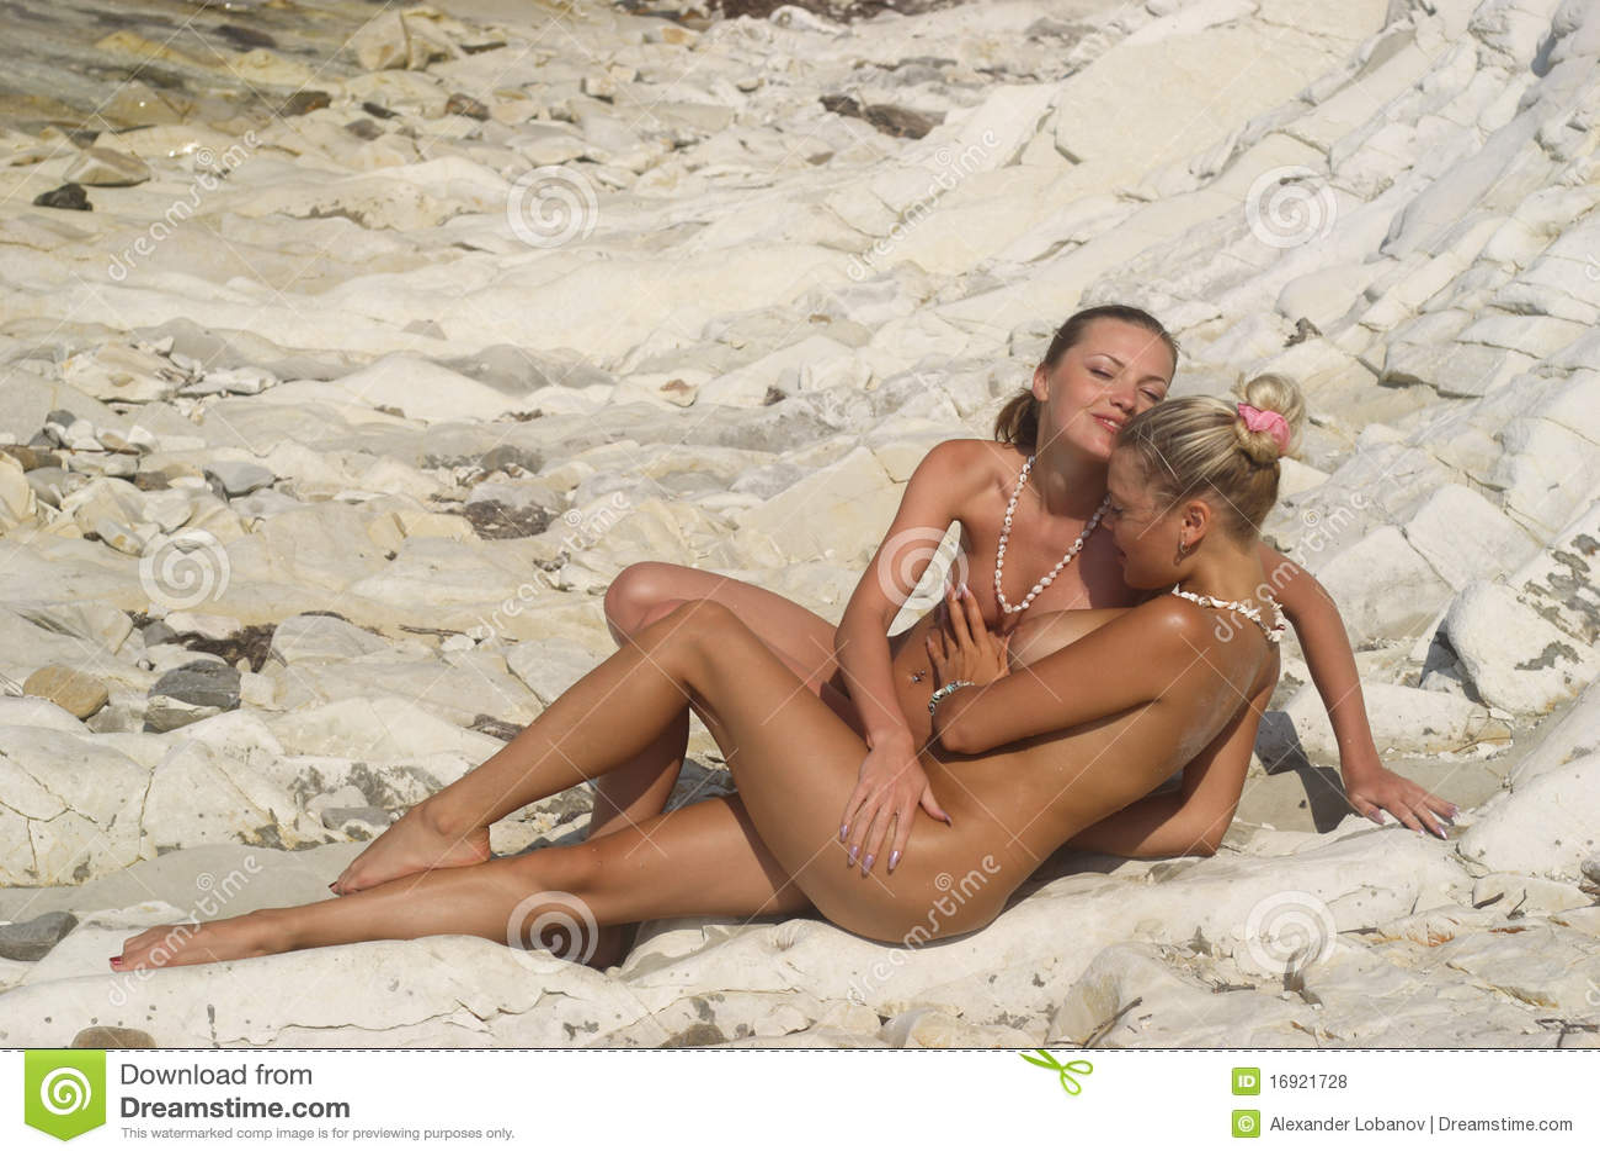 erotico streaming ita massaggi a donne nude